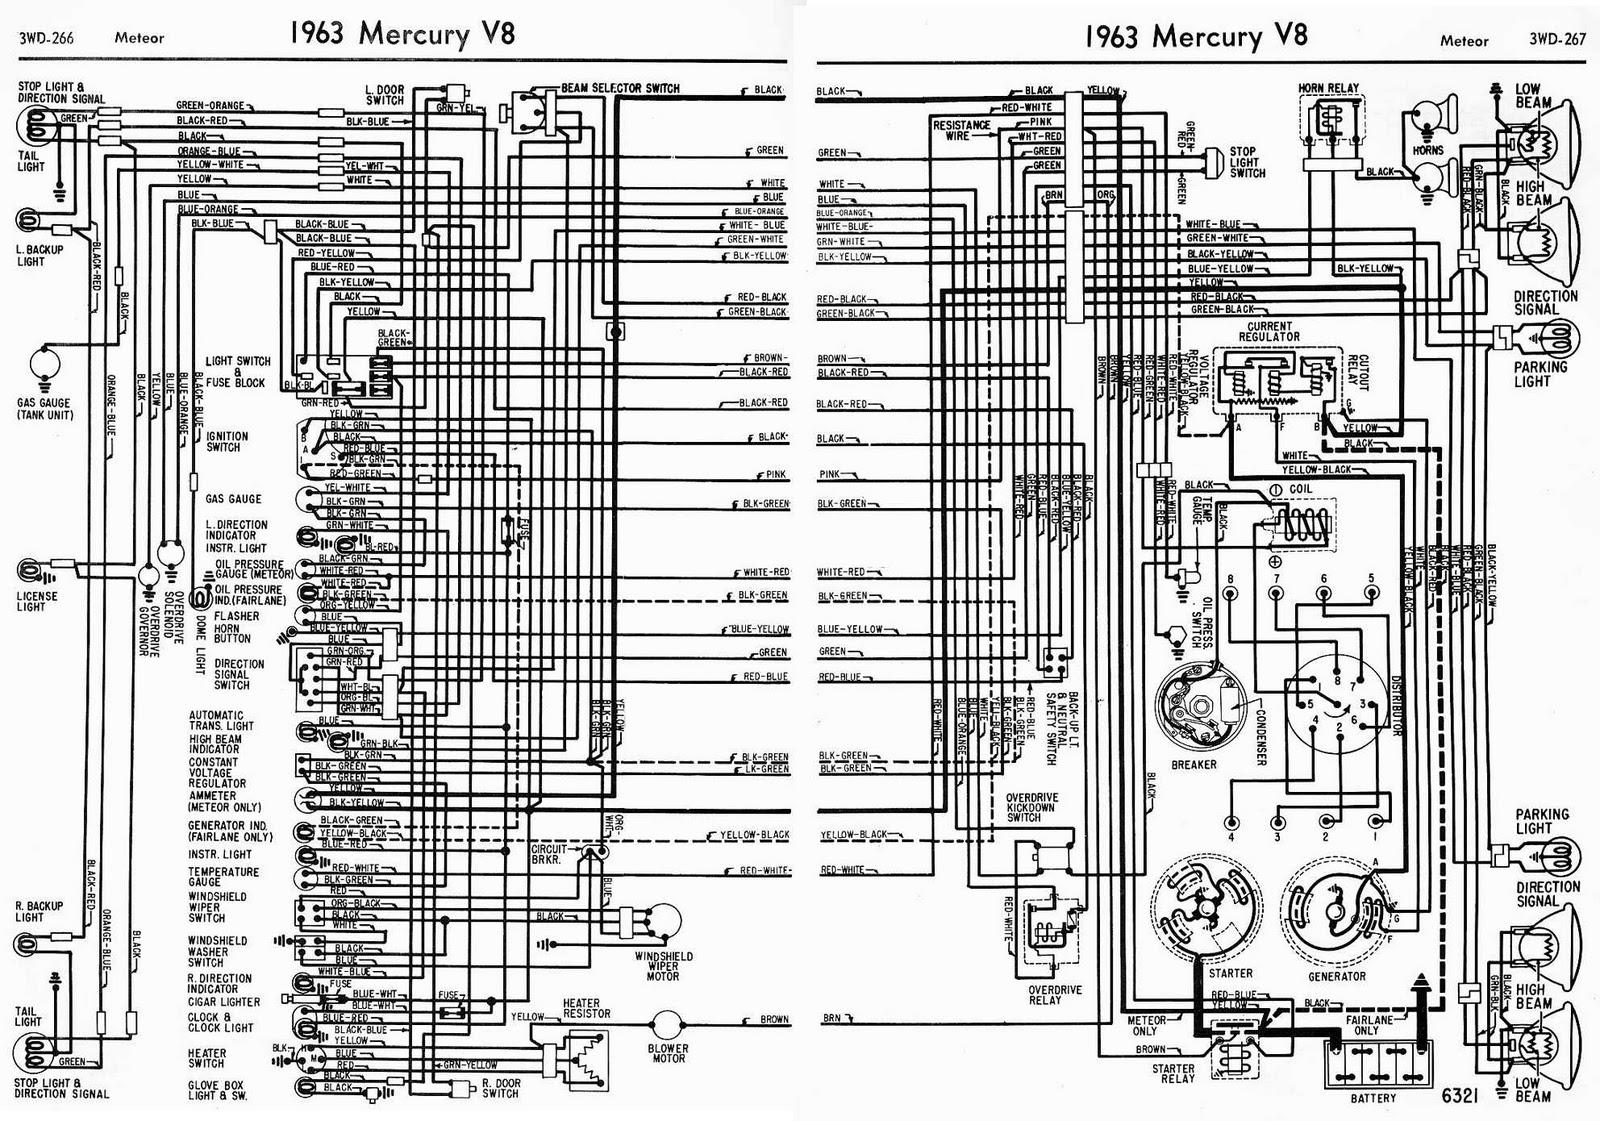 Wiring Diagram 1972 Honda Cl70 - Schematic Diagrams